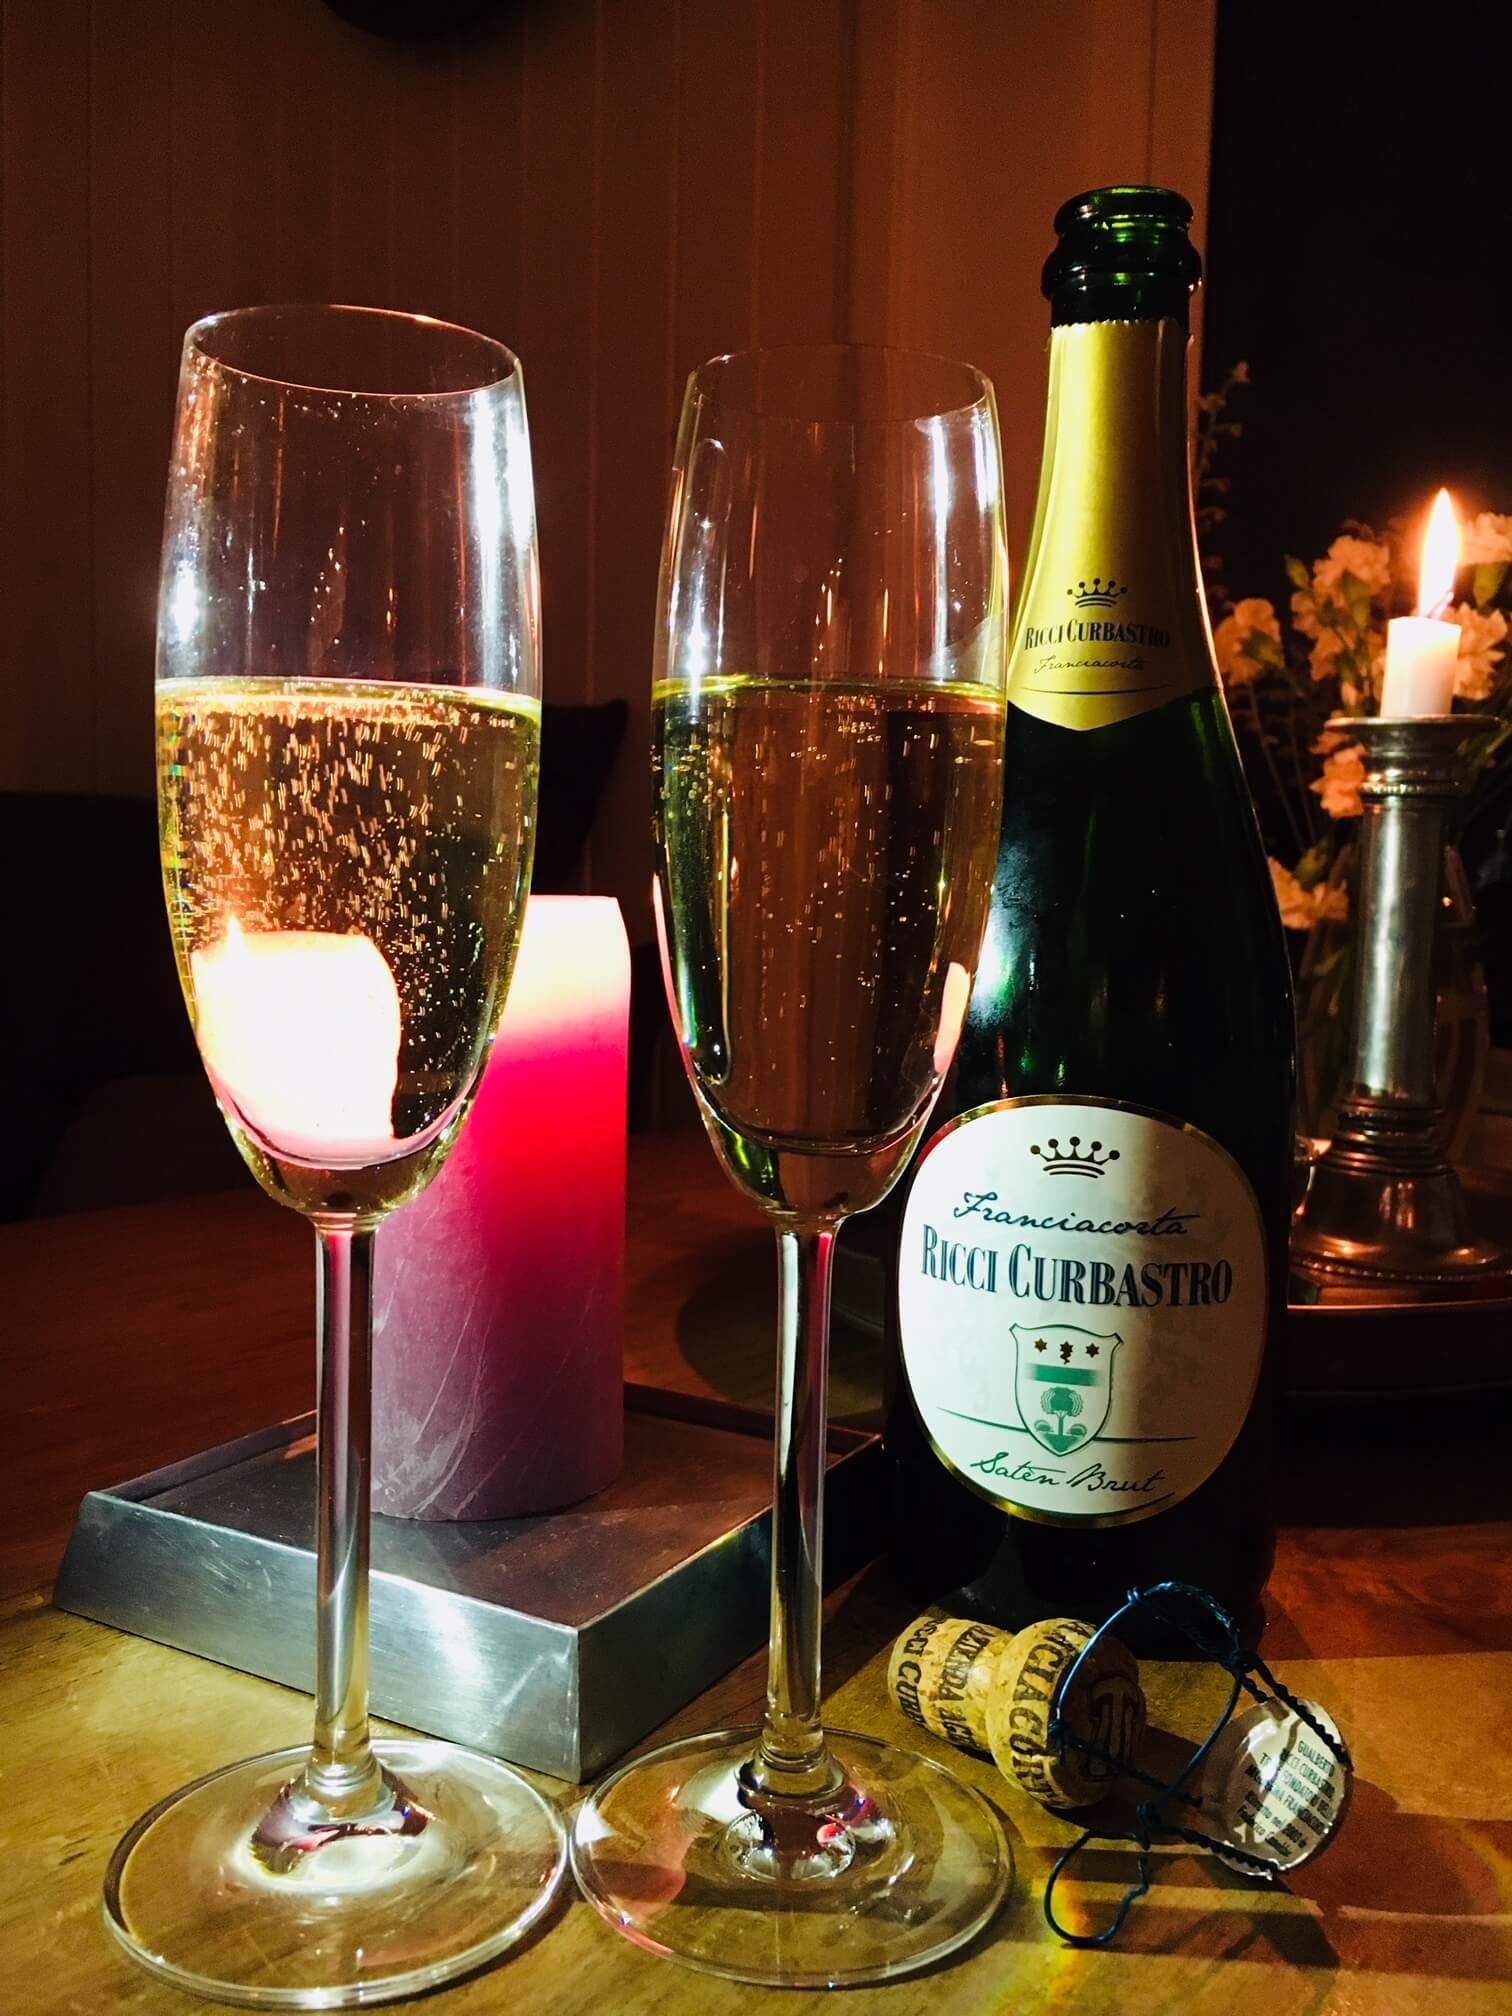 """Det er nå ett år siden vinbloggen """"Det Gode Vinliv"""" så dagens lys. Det må markeres, selvsagt med bobler og takkekort til deg som følger bloggen. Drømmer du også om å starte en blogg eller følge din drøm? Her får du vite hvordan det går med mitt prosjekt og noen råd til deg som ønsker følge drømmen."""